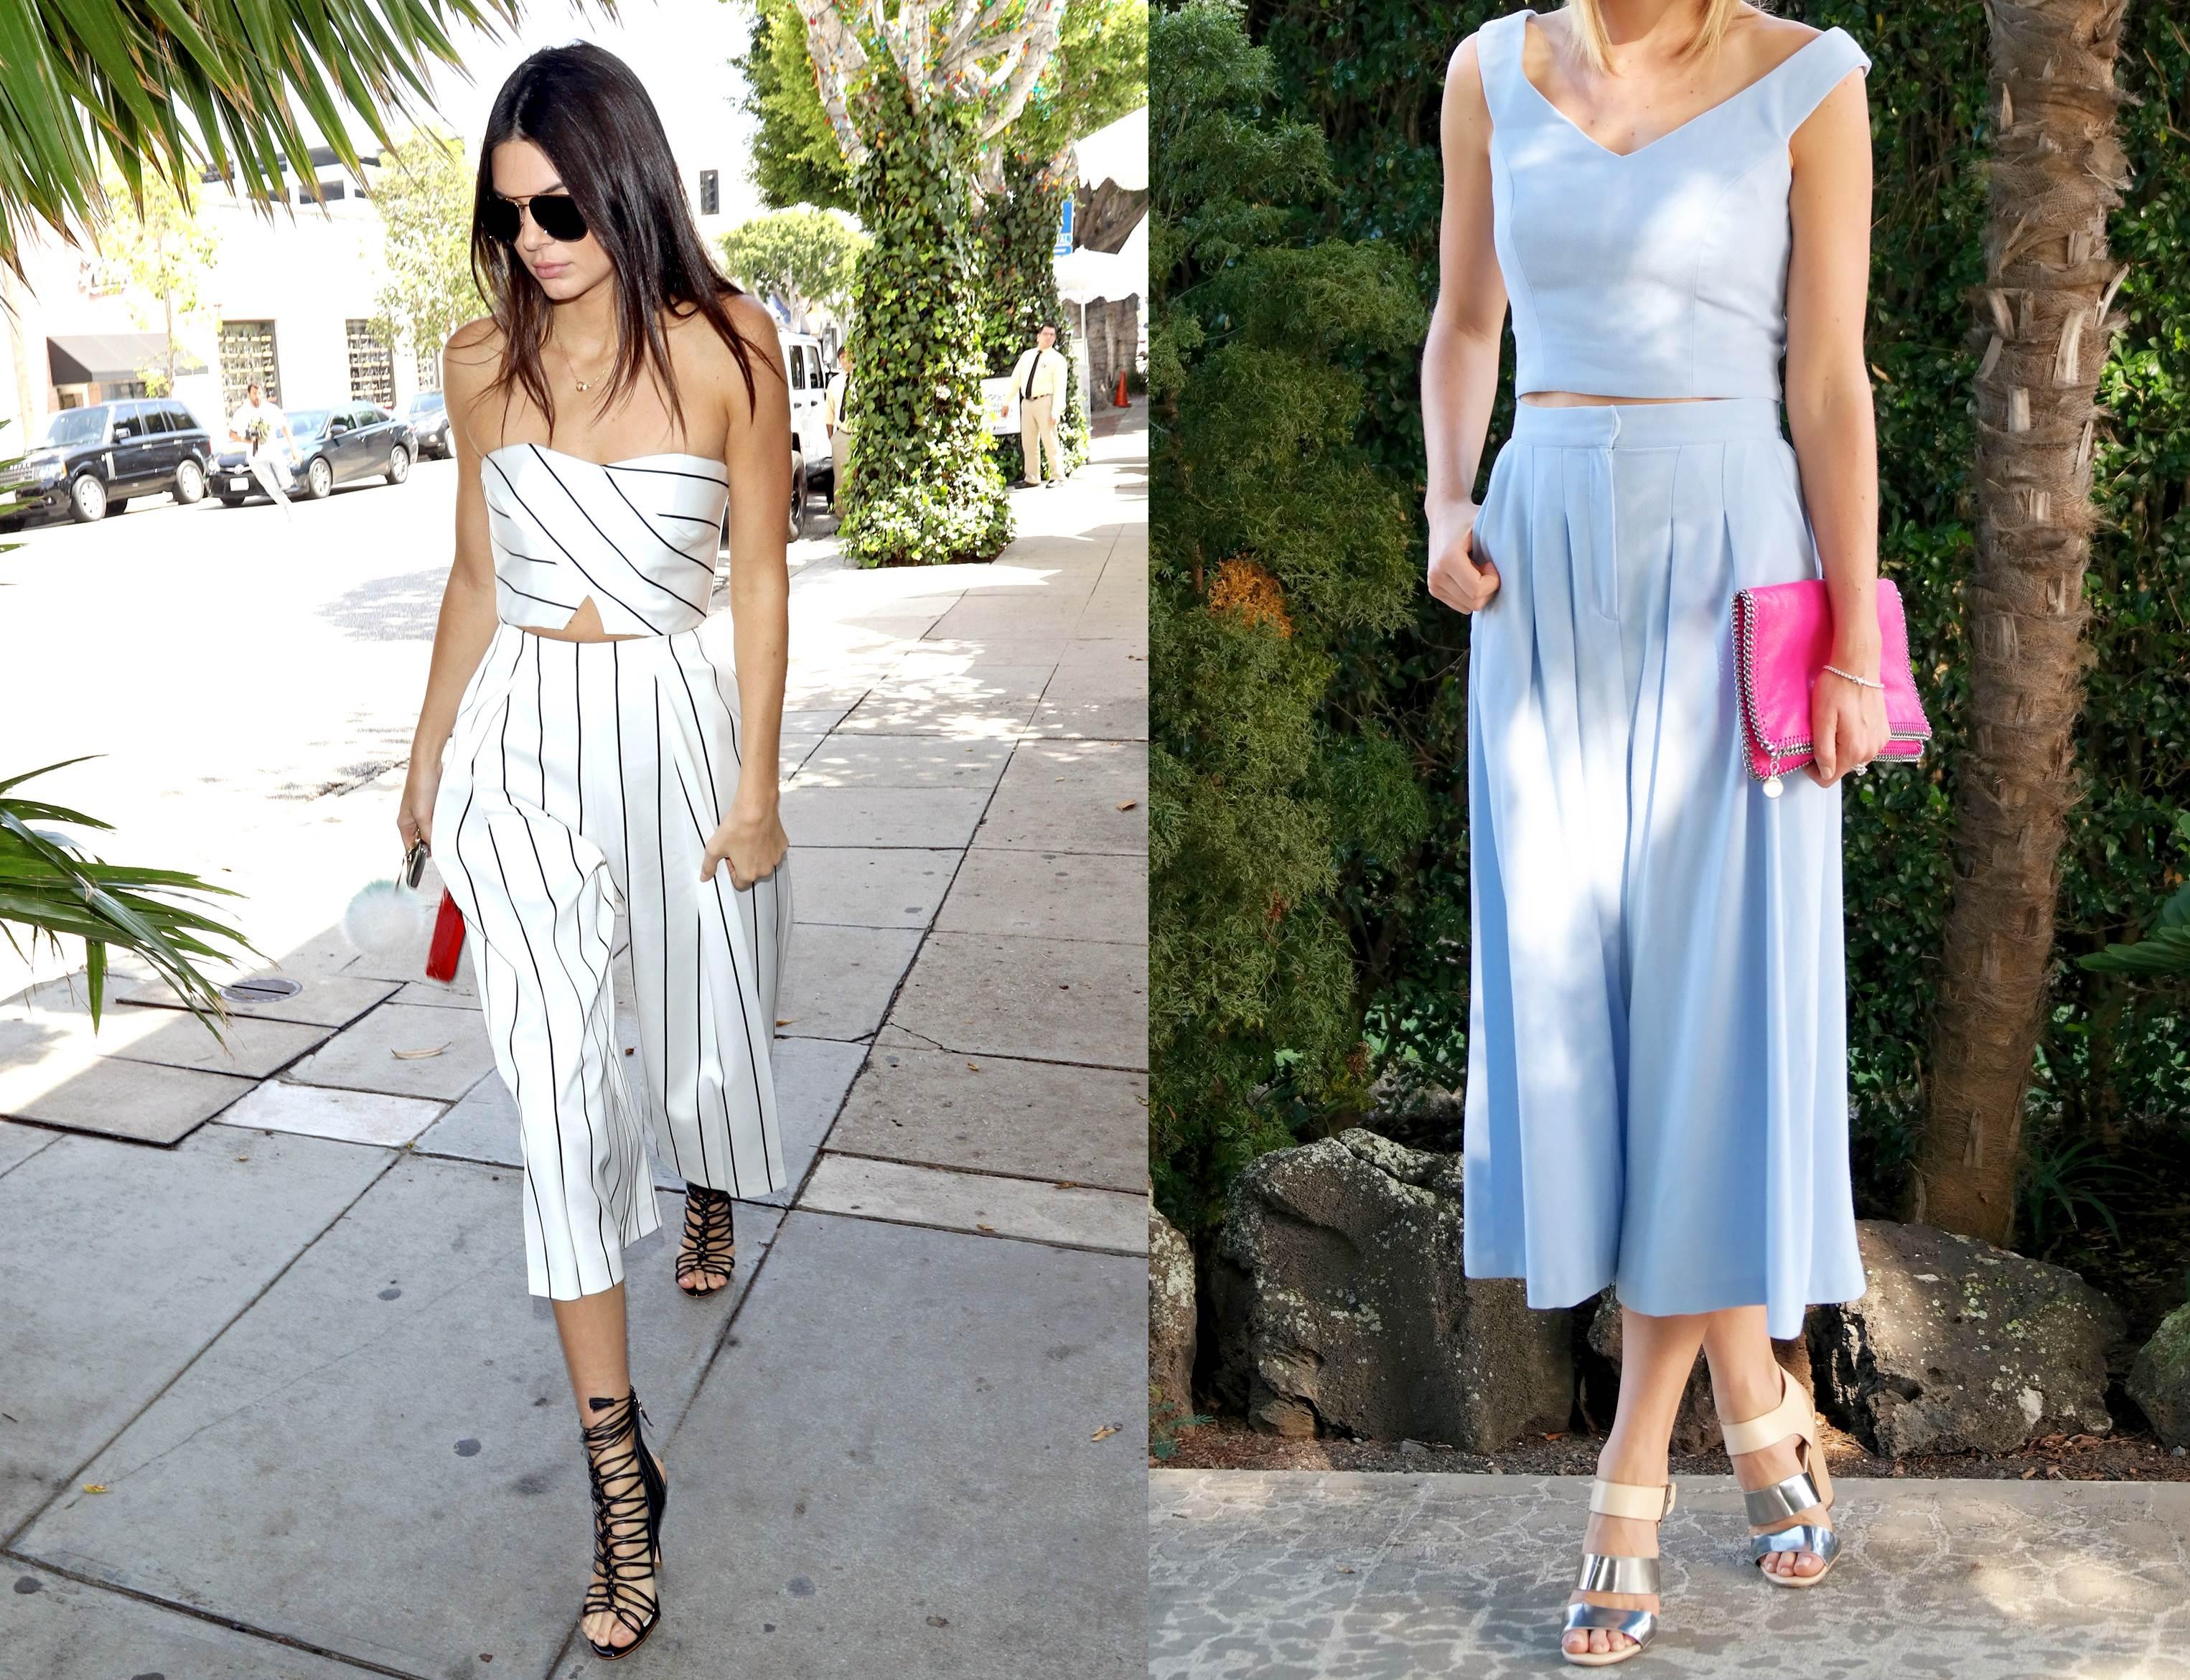 mix n match celana kulot dengan atasan sesuai - celana kulot matching warna dengan atasan jumpsuit